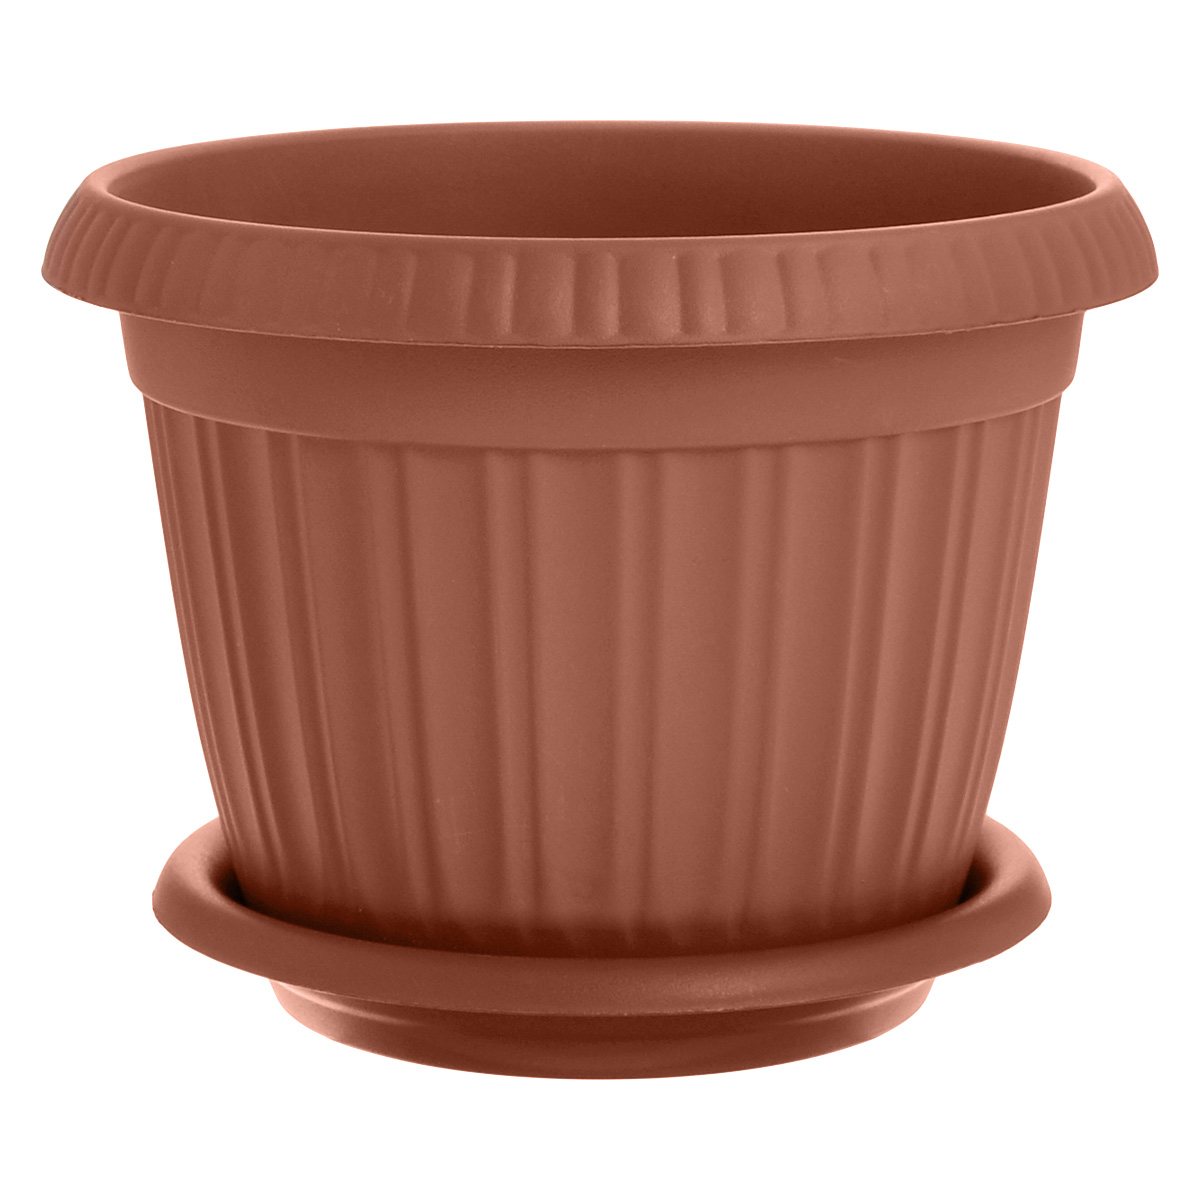 Горшок для цветов InGreen Таити, с подставкой, цвет: коричневый, диаметр 23 см32220/1Горшок InGreen Таити выполнен из высококачественного полипропилена (пластика) и предназначен для выращивания цветов, растений и трав. Снабжен подставкой для стока воды.Такой горшок порадует вас функциональностью, а благодаря лаконичному дизайну впишется в любой интерьер помещения.Диаметр горшка по верхнему краю: 23 см. Высота горшка: 17,5 см. Диаметр подставки: 19 см.